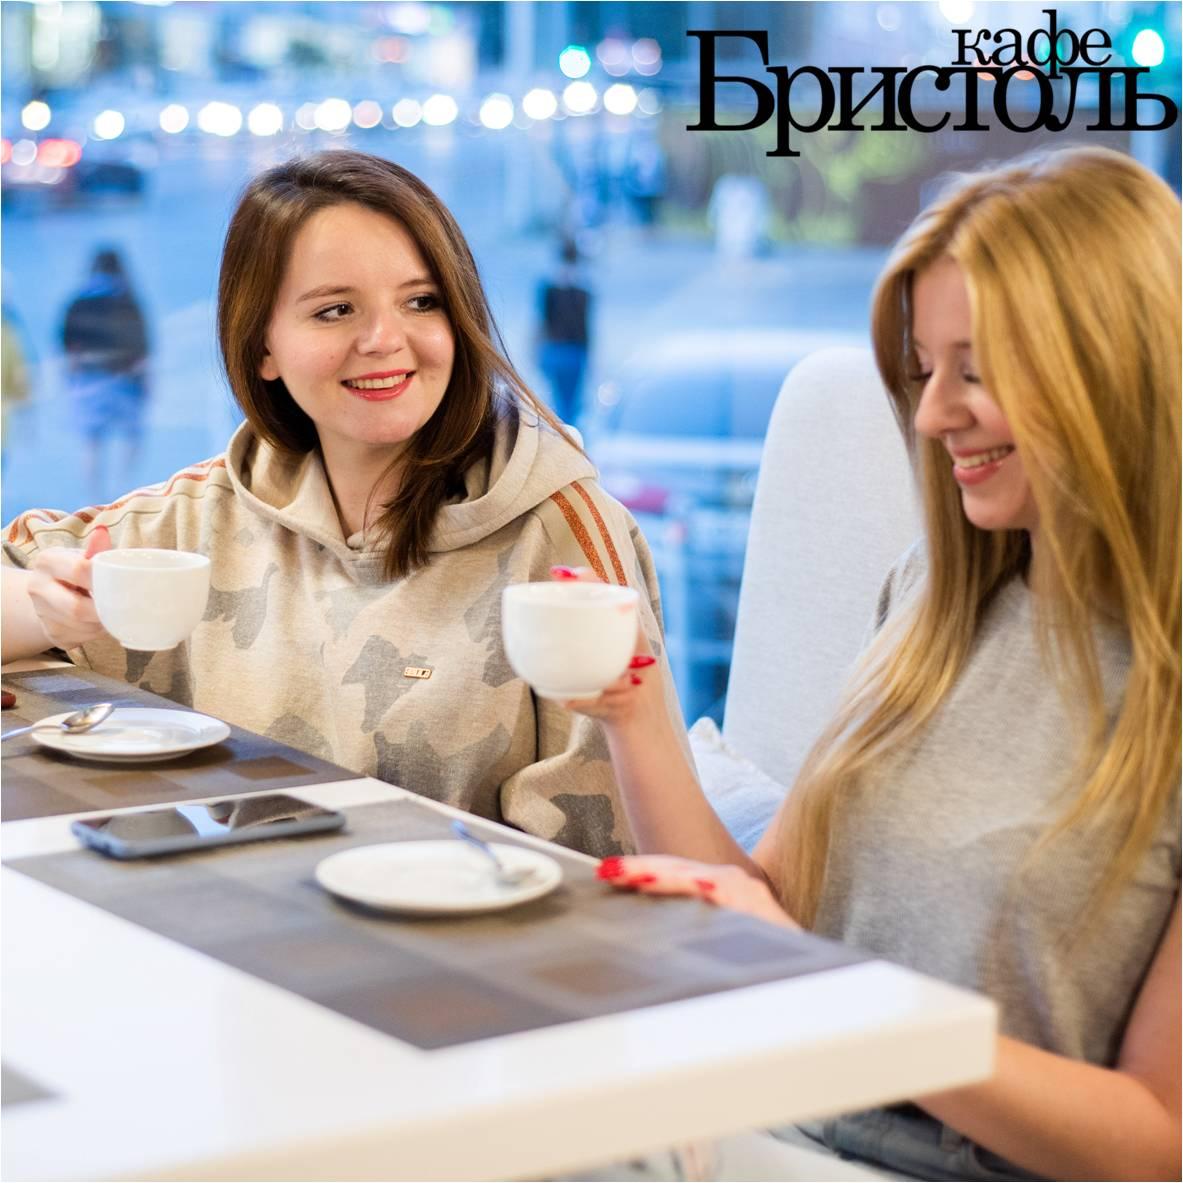 Кафе, суши-бар, банкетный зал «Бристоль» - Вконтакте